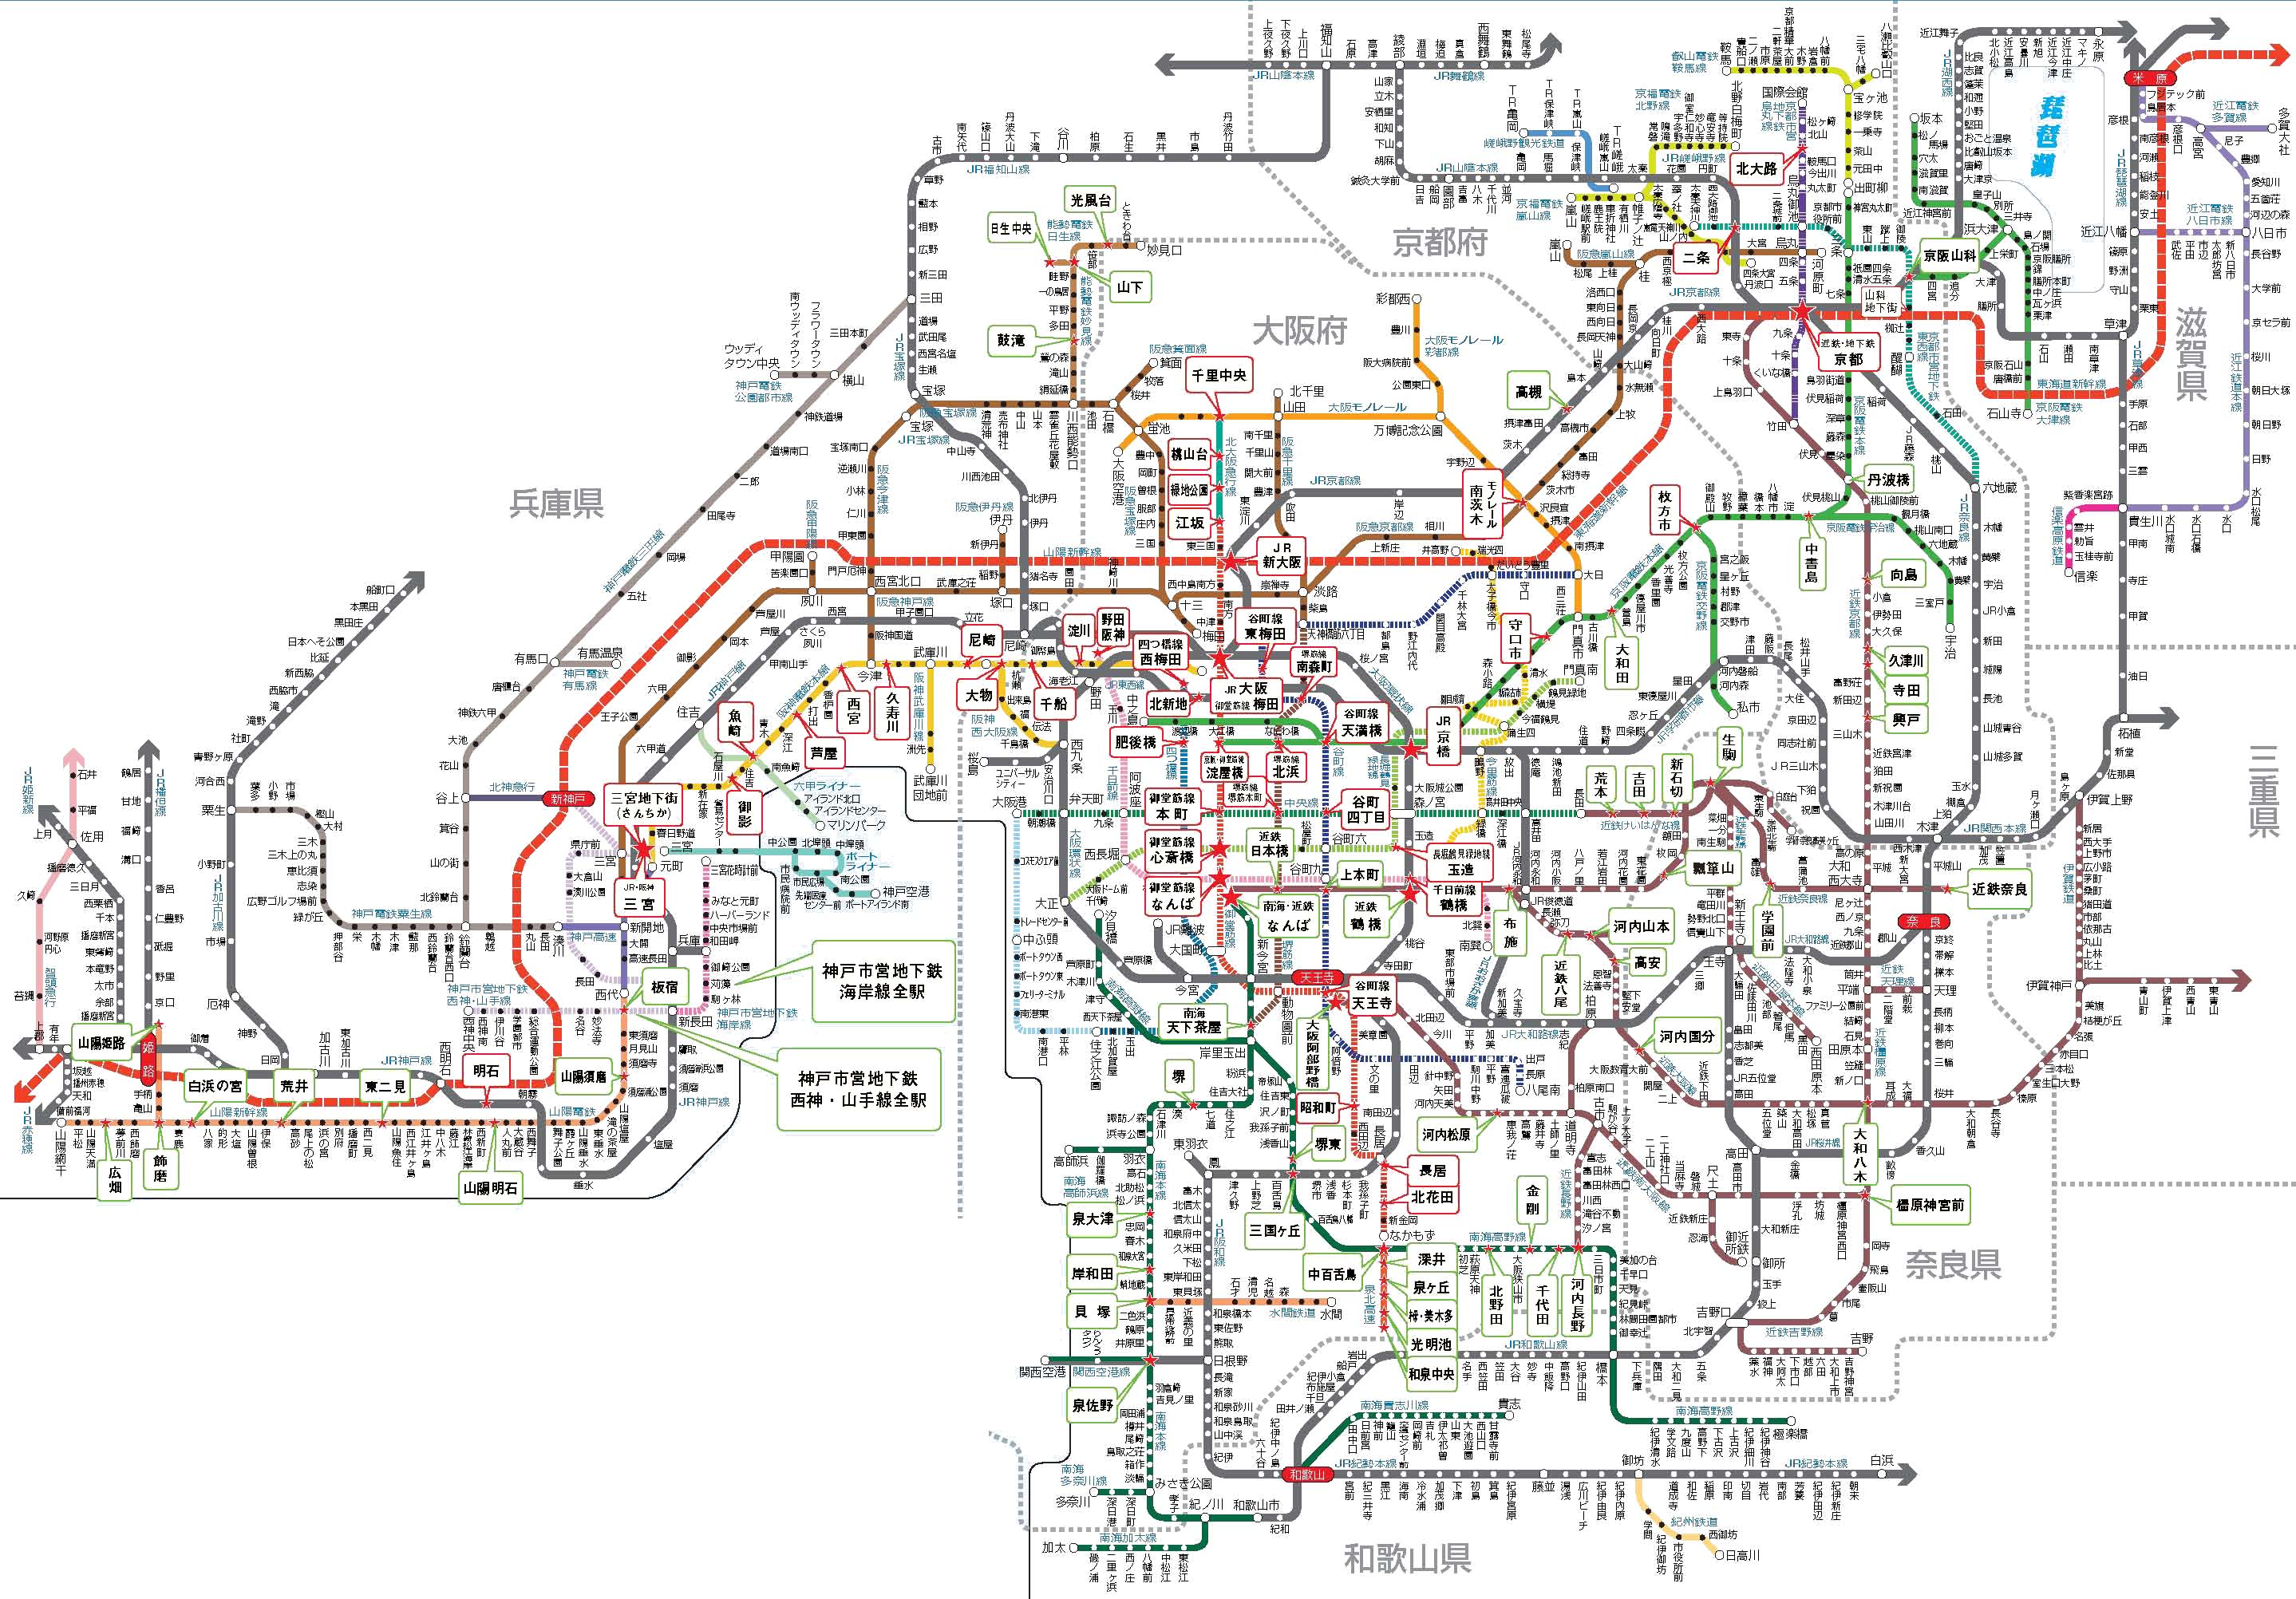 関西の路線図(滋賀・京都・大阪・兵庫、JR・京阪・阪急・阪神・・・)